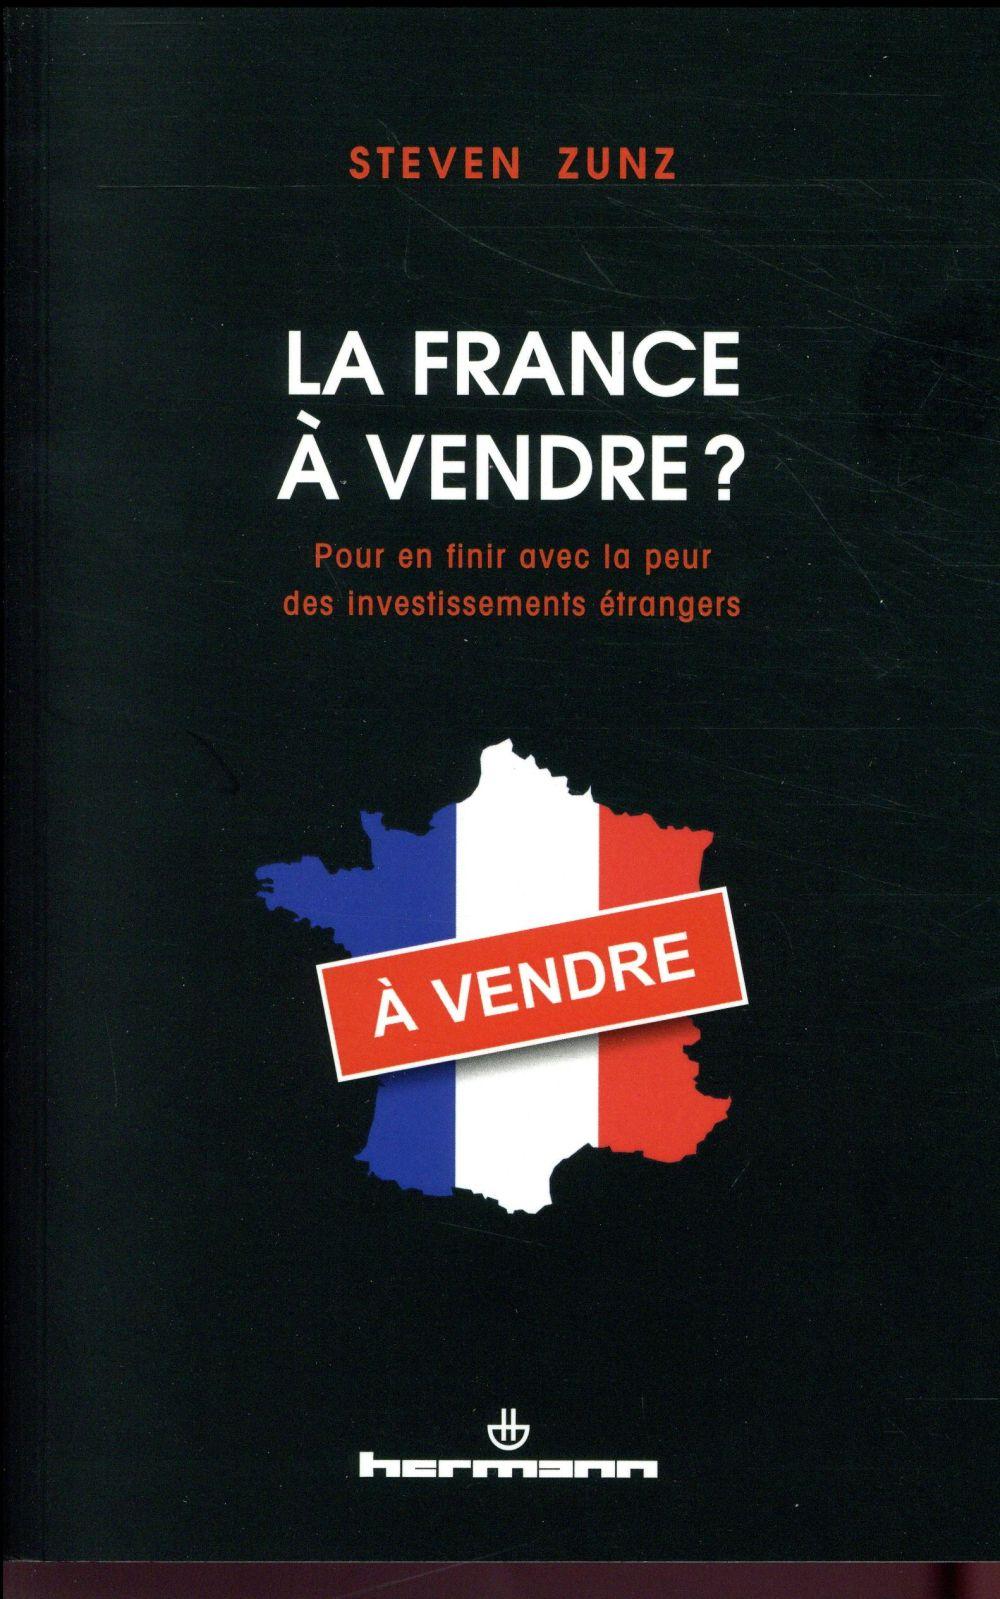 La France est-elle à vendre ? bienfaits et dangers des investissements étrangers en France